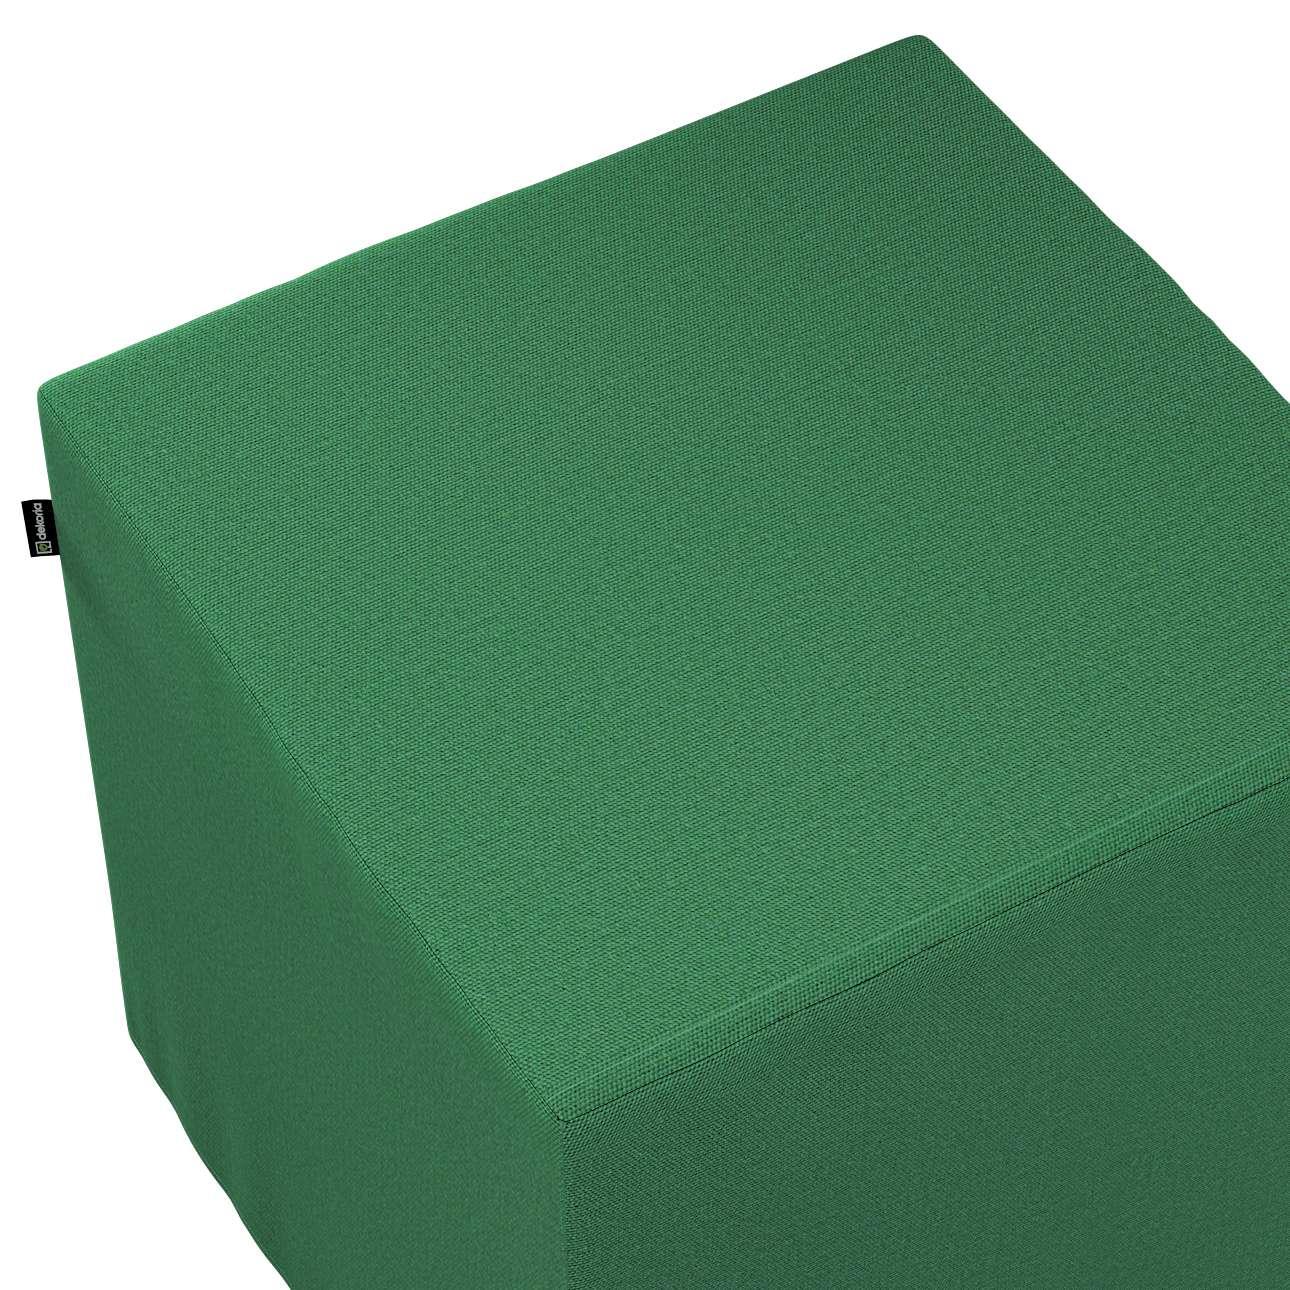 Pokrowiec na pufę kostkę w kolekcji Loneta, tkanina: 133-18